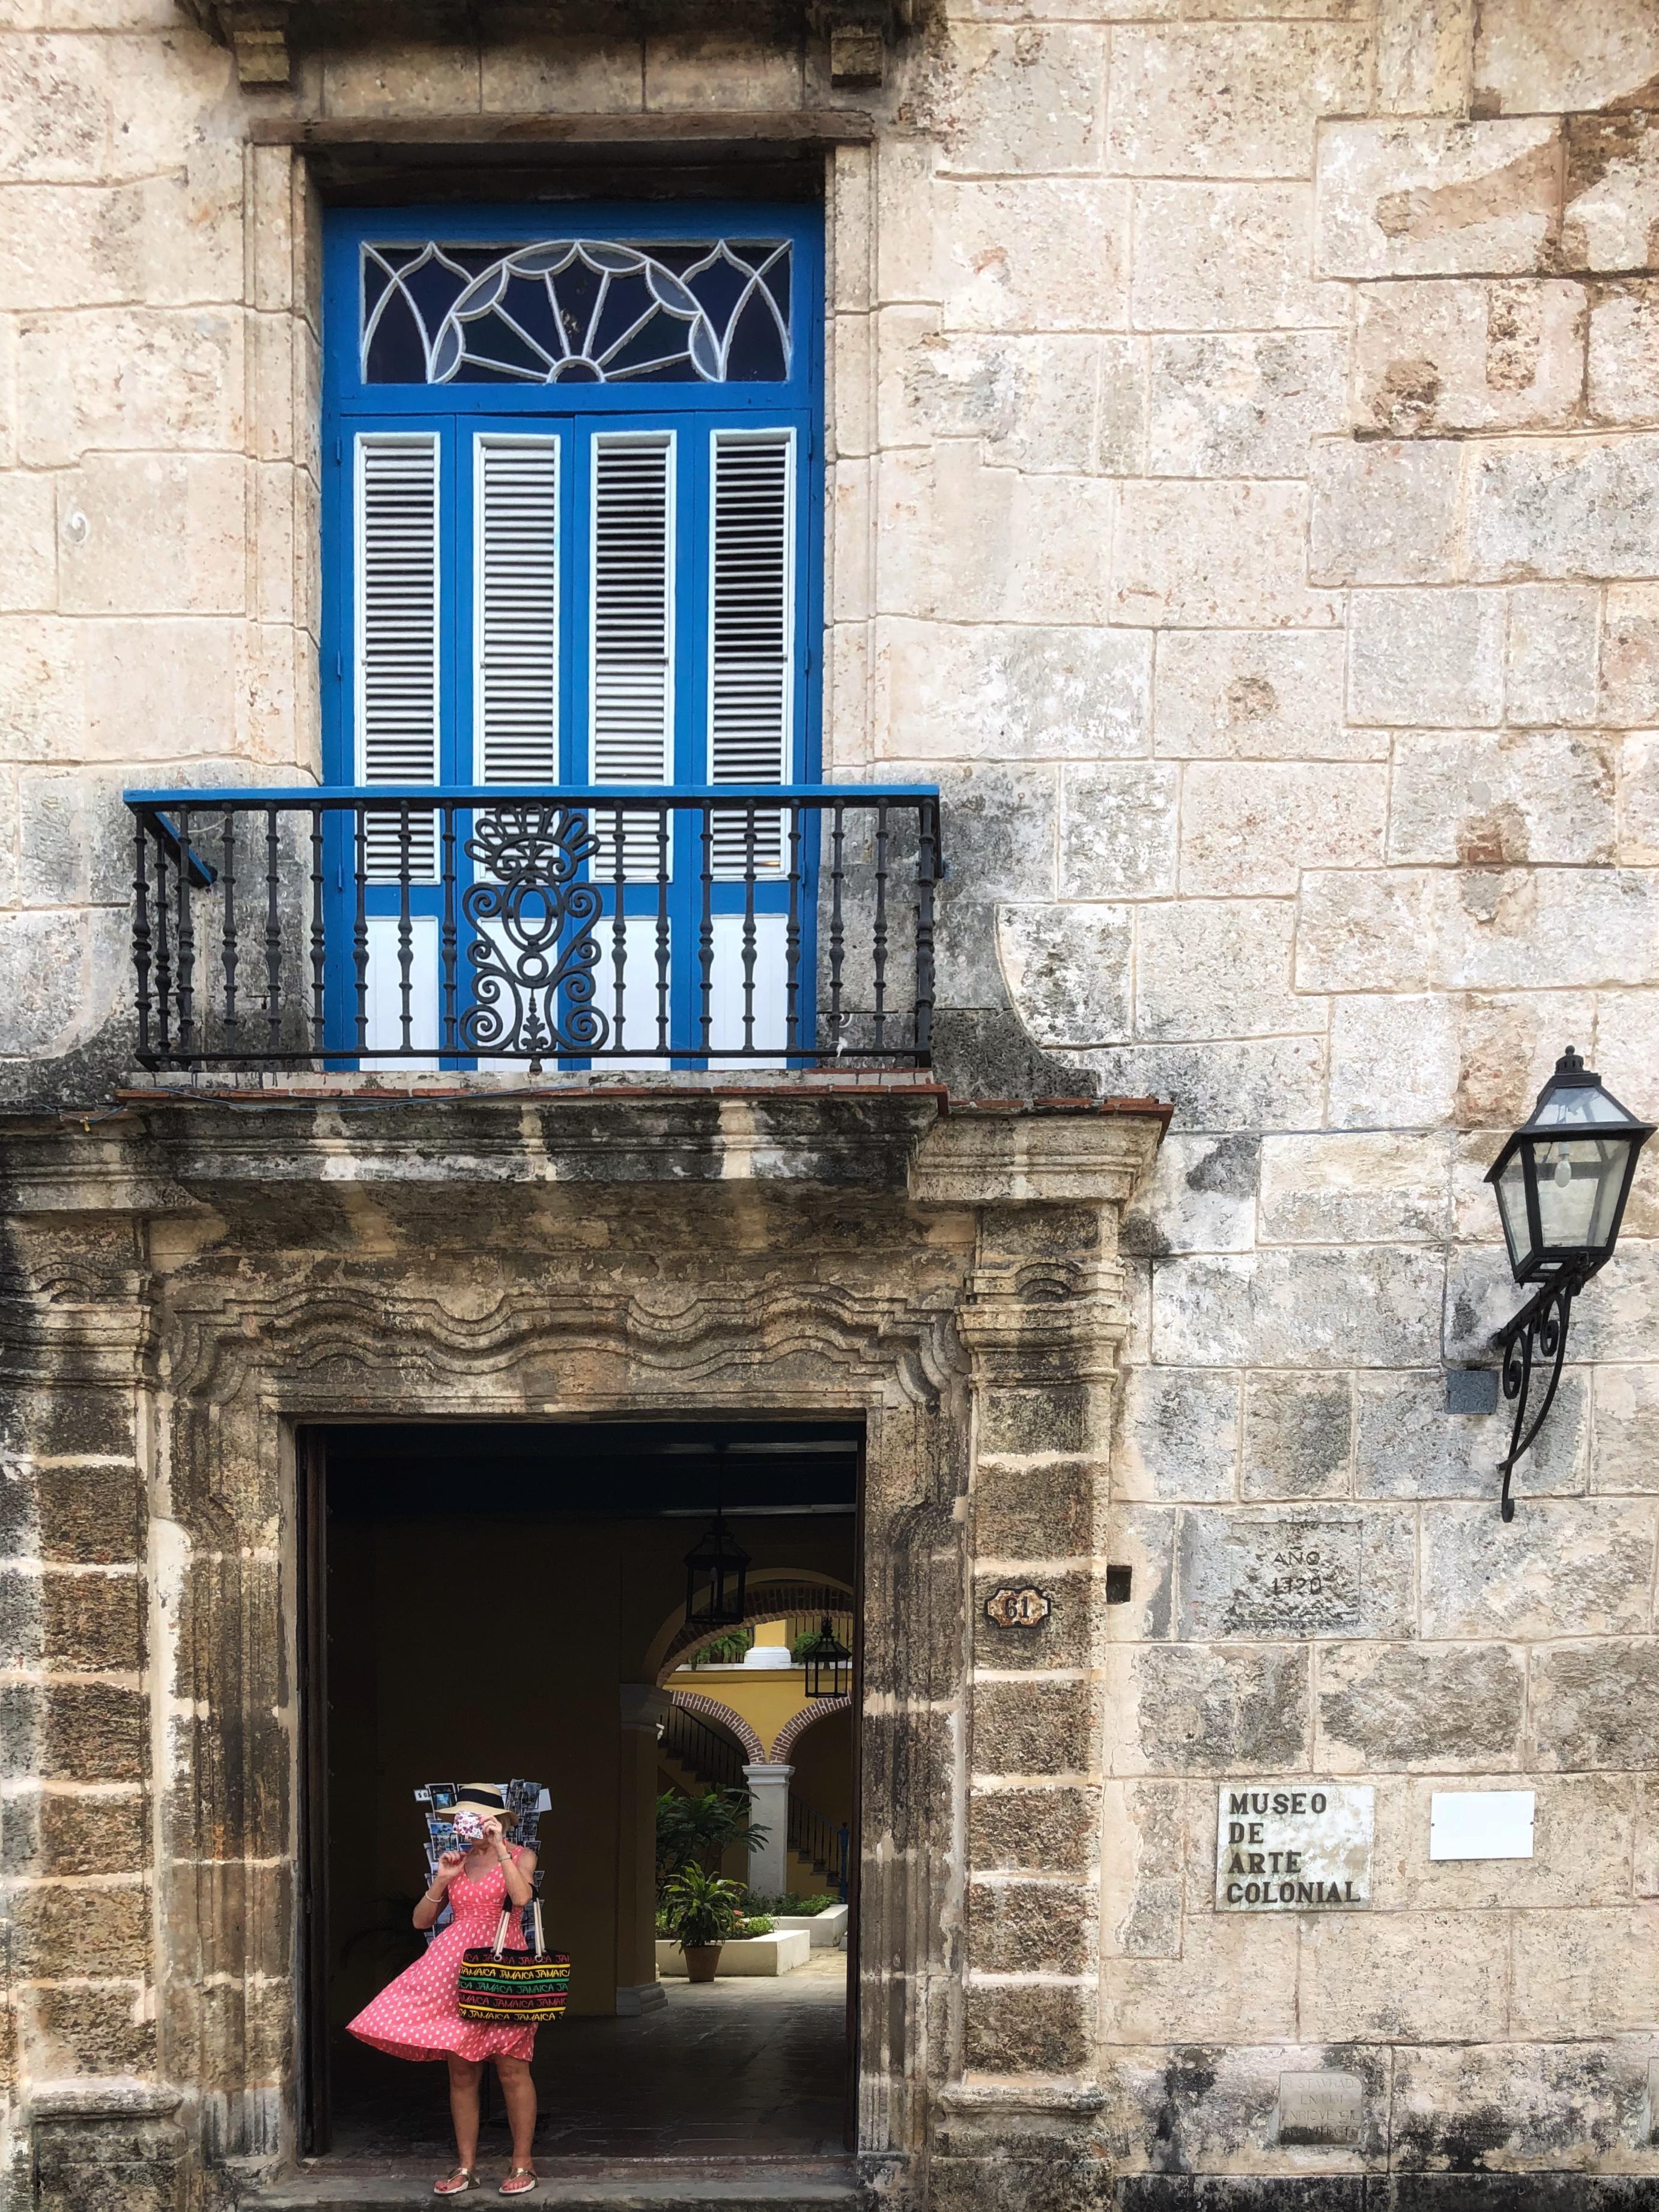 Museo-de-Arte-Colonial.JPG?mtime=20180404134843#asset:101222